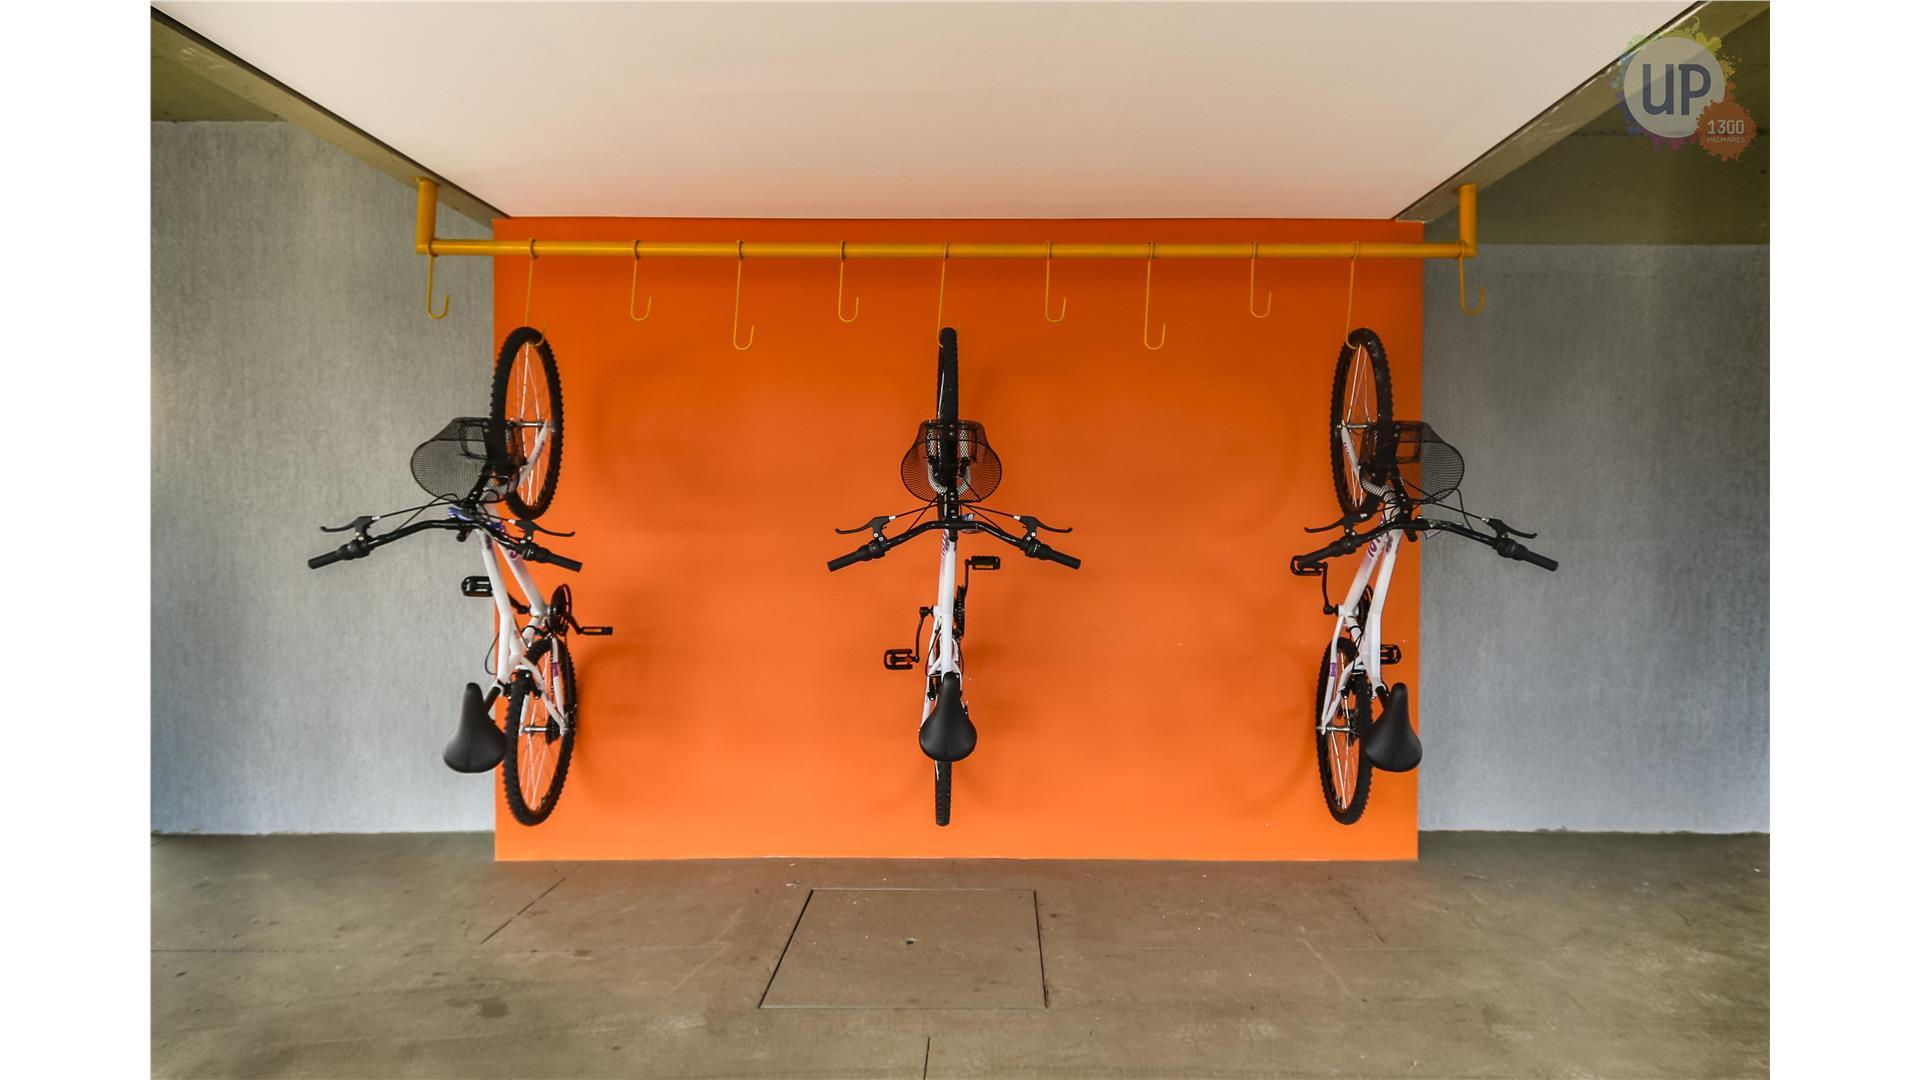 UP 1300 - Bicicletário-1.JPG